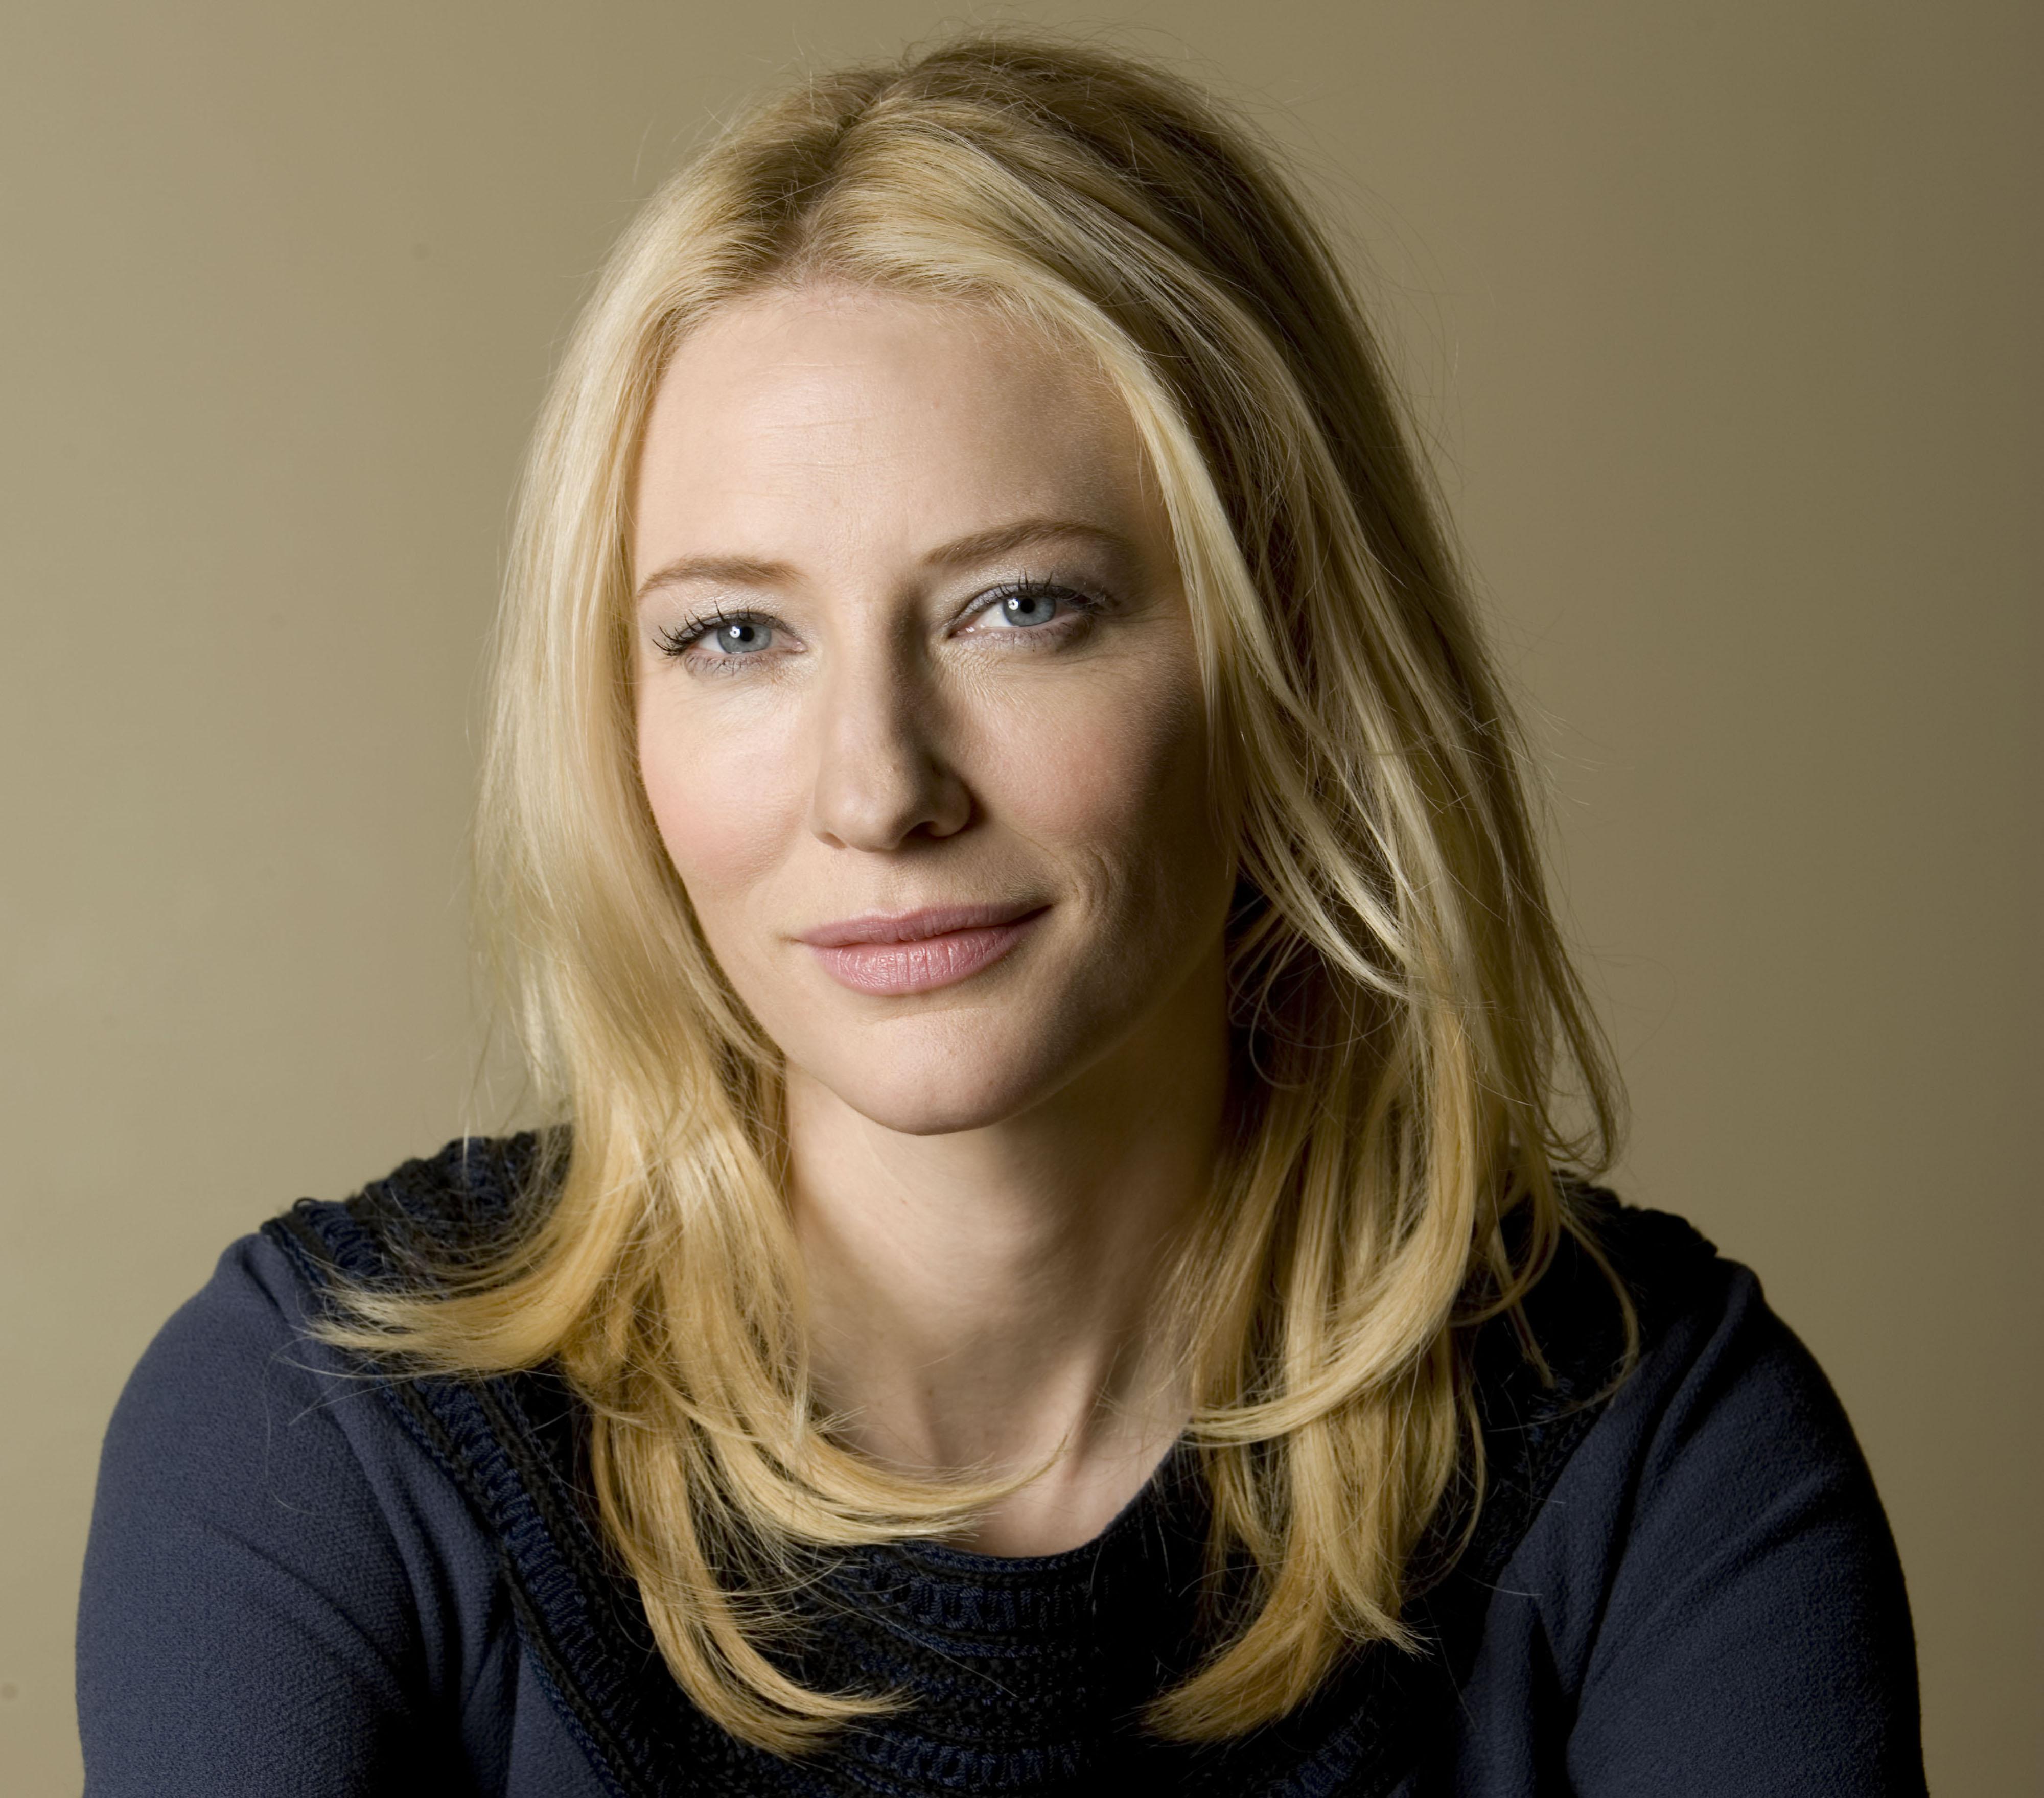 Cate Blanchett 7 Cate Blanchett